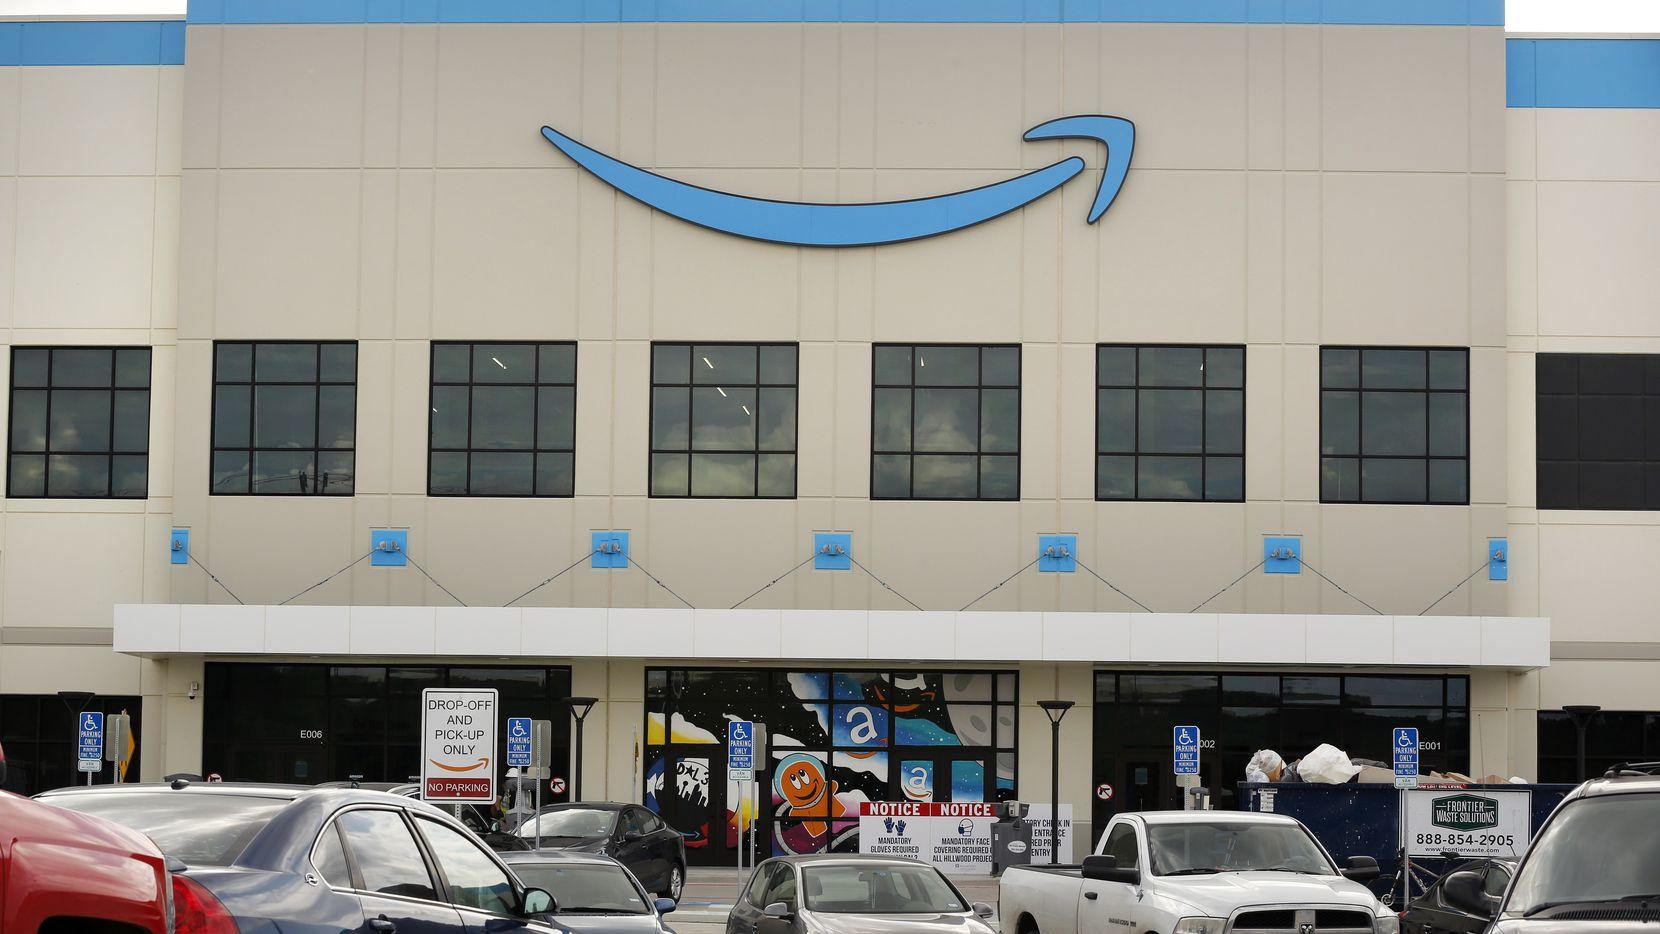 Amazon podría reconvertir espacios de centros comerciales en centros de distribuición de sus productos.